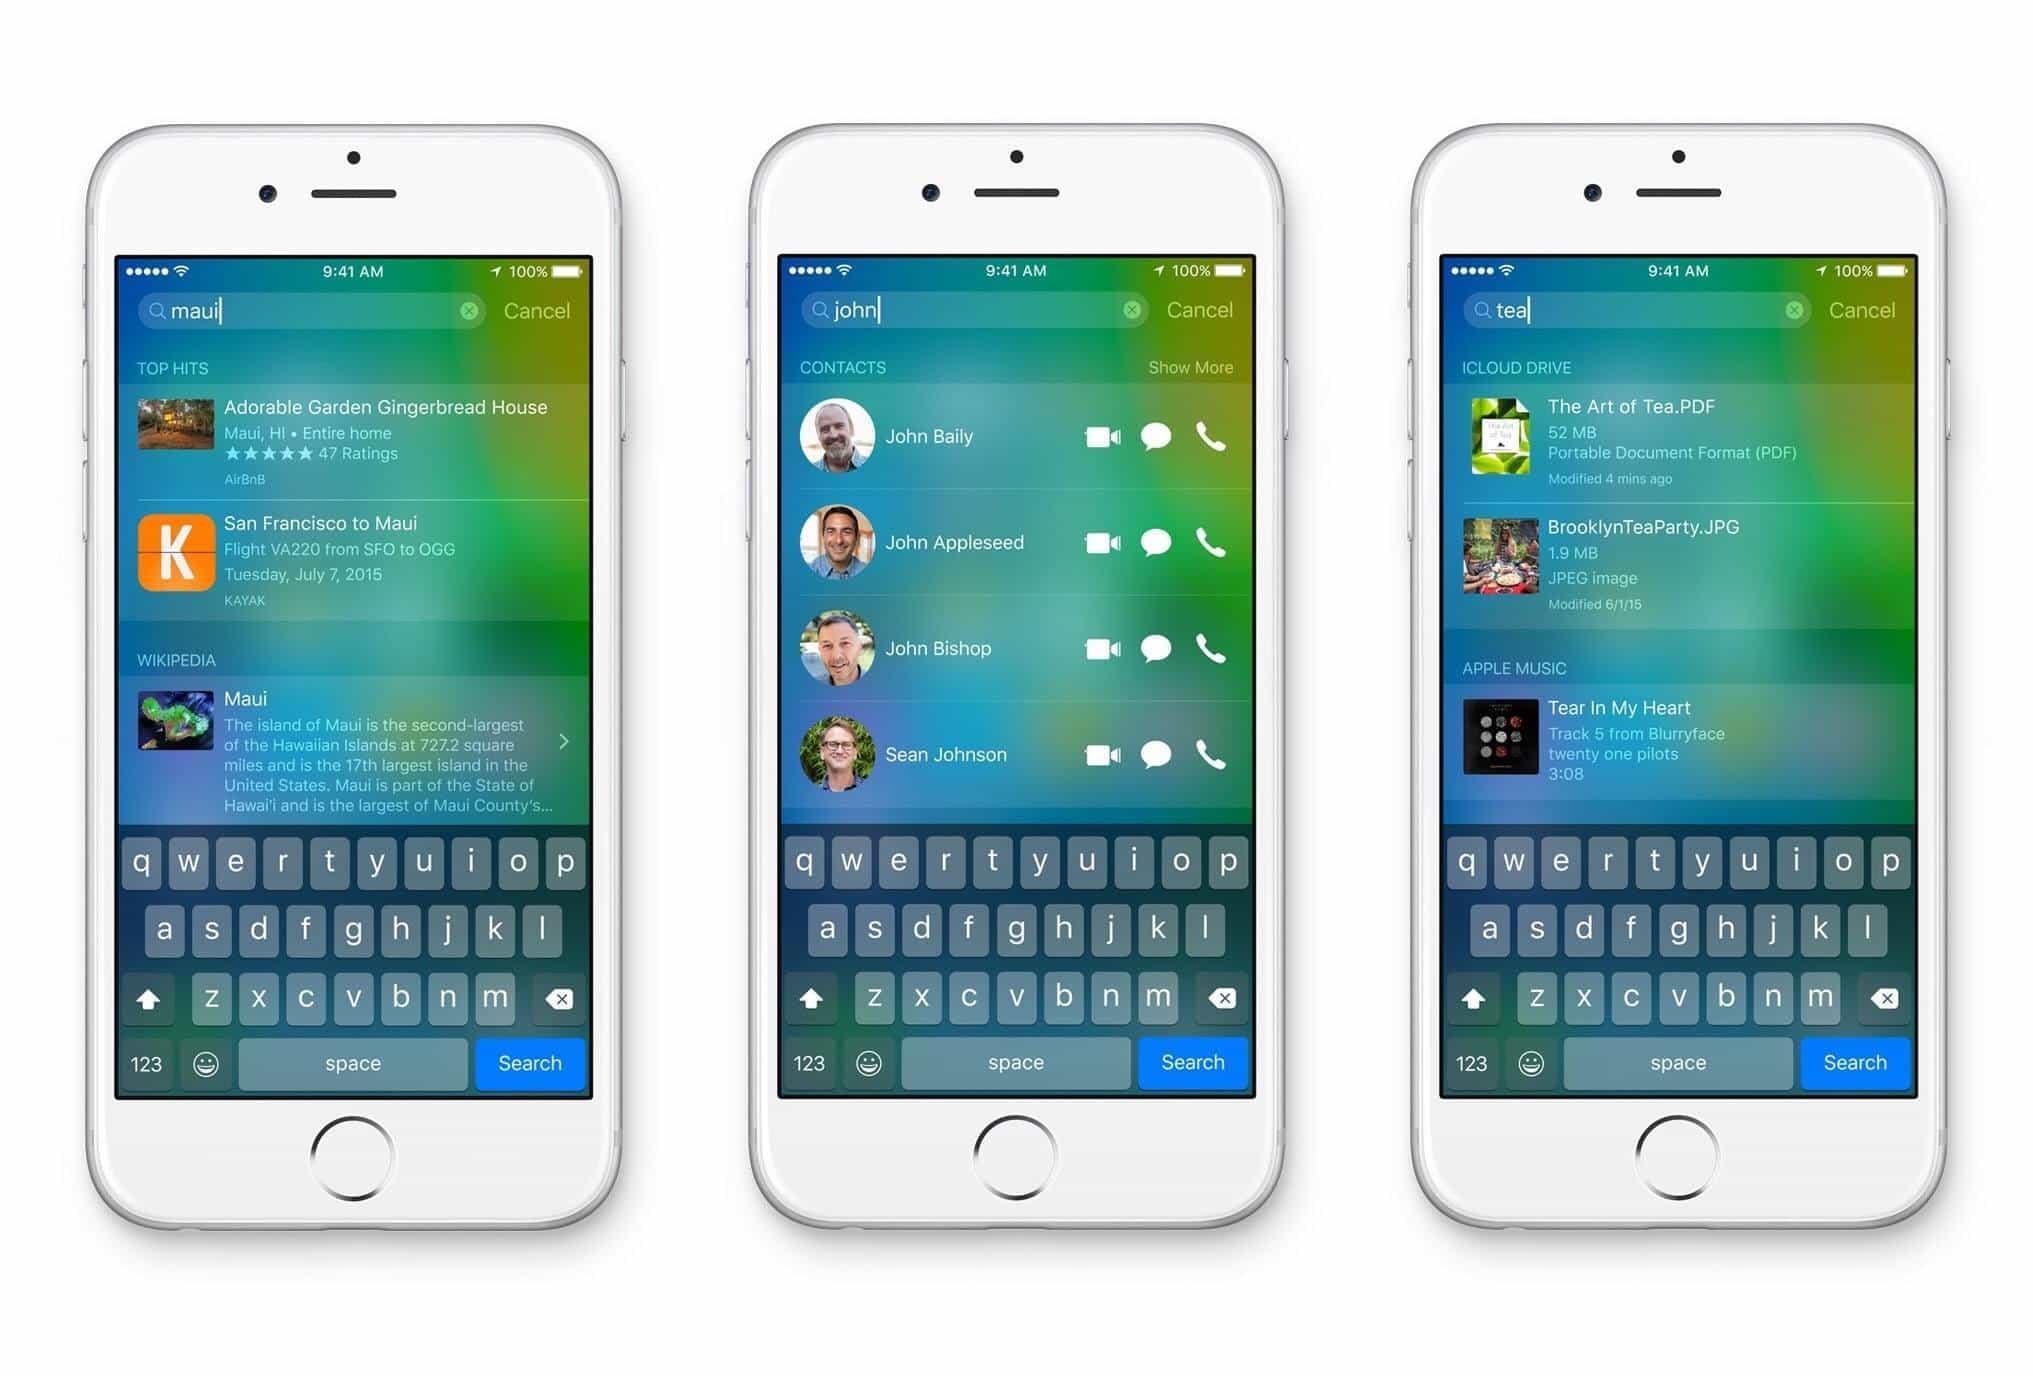 problemas comuns do iOS 9 dicas